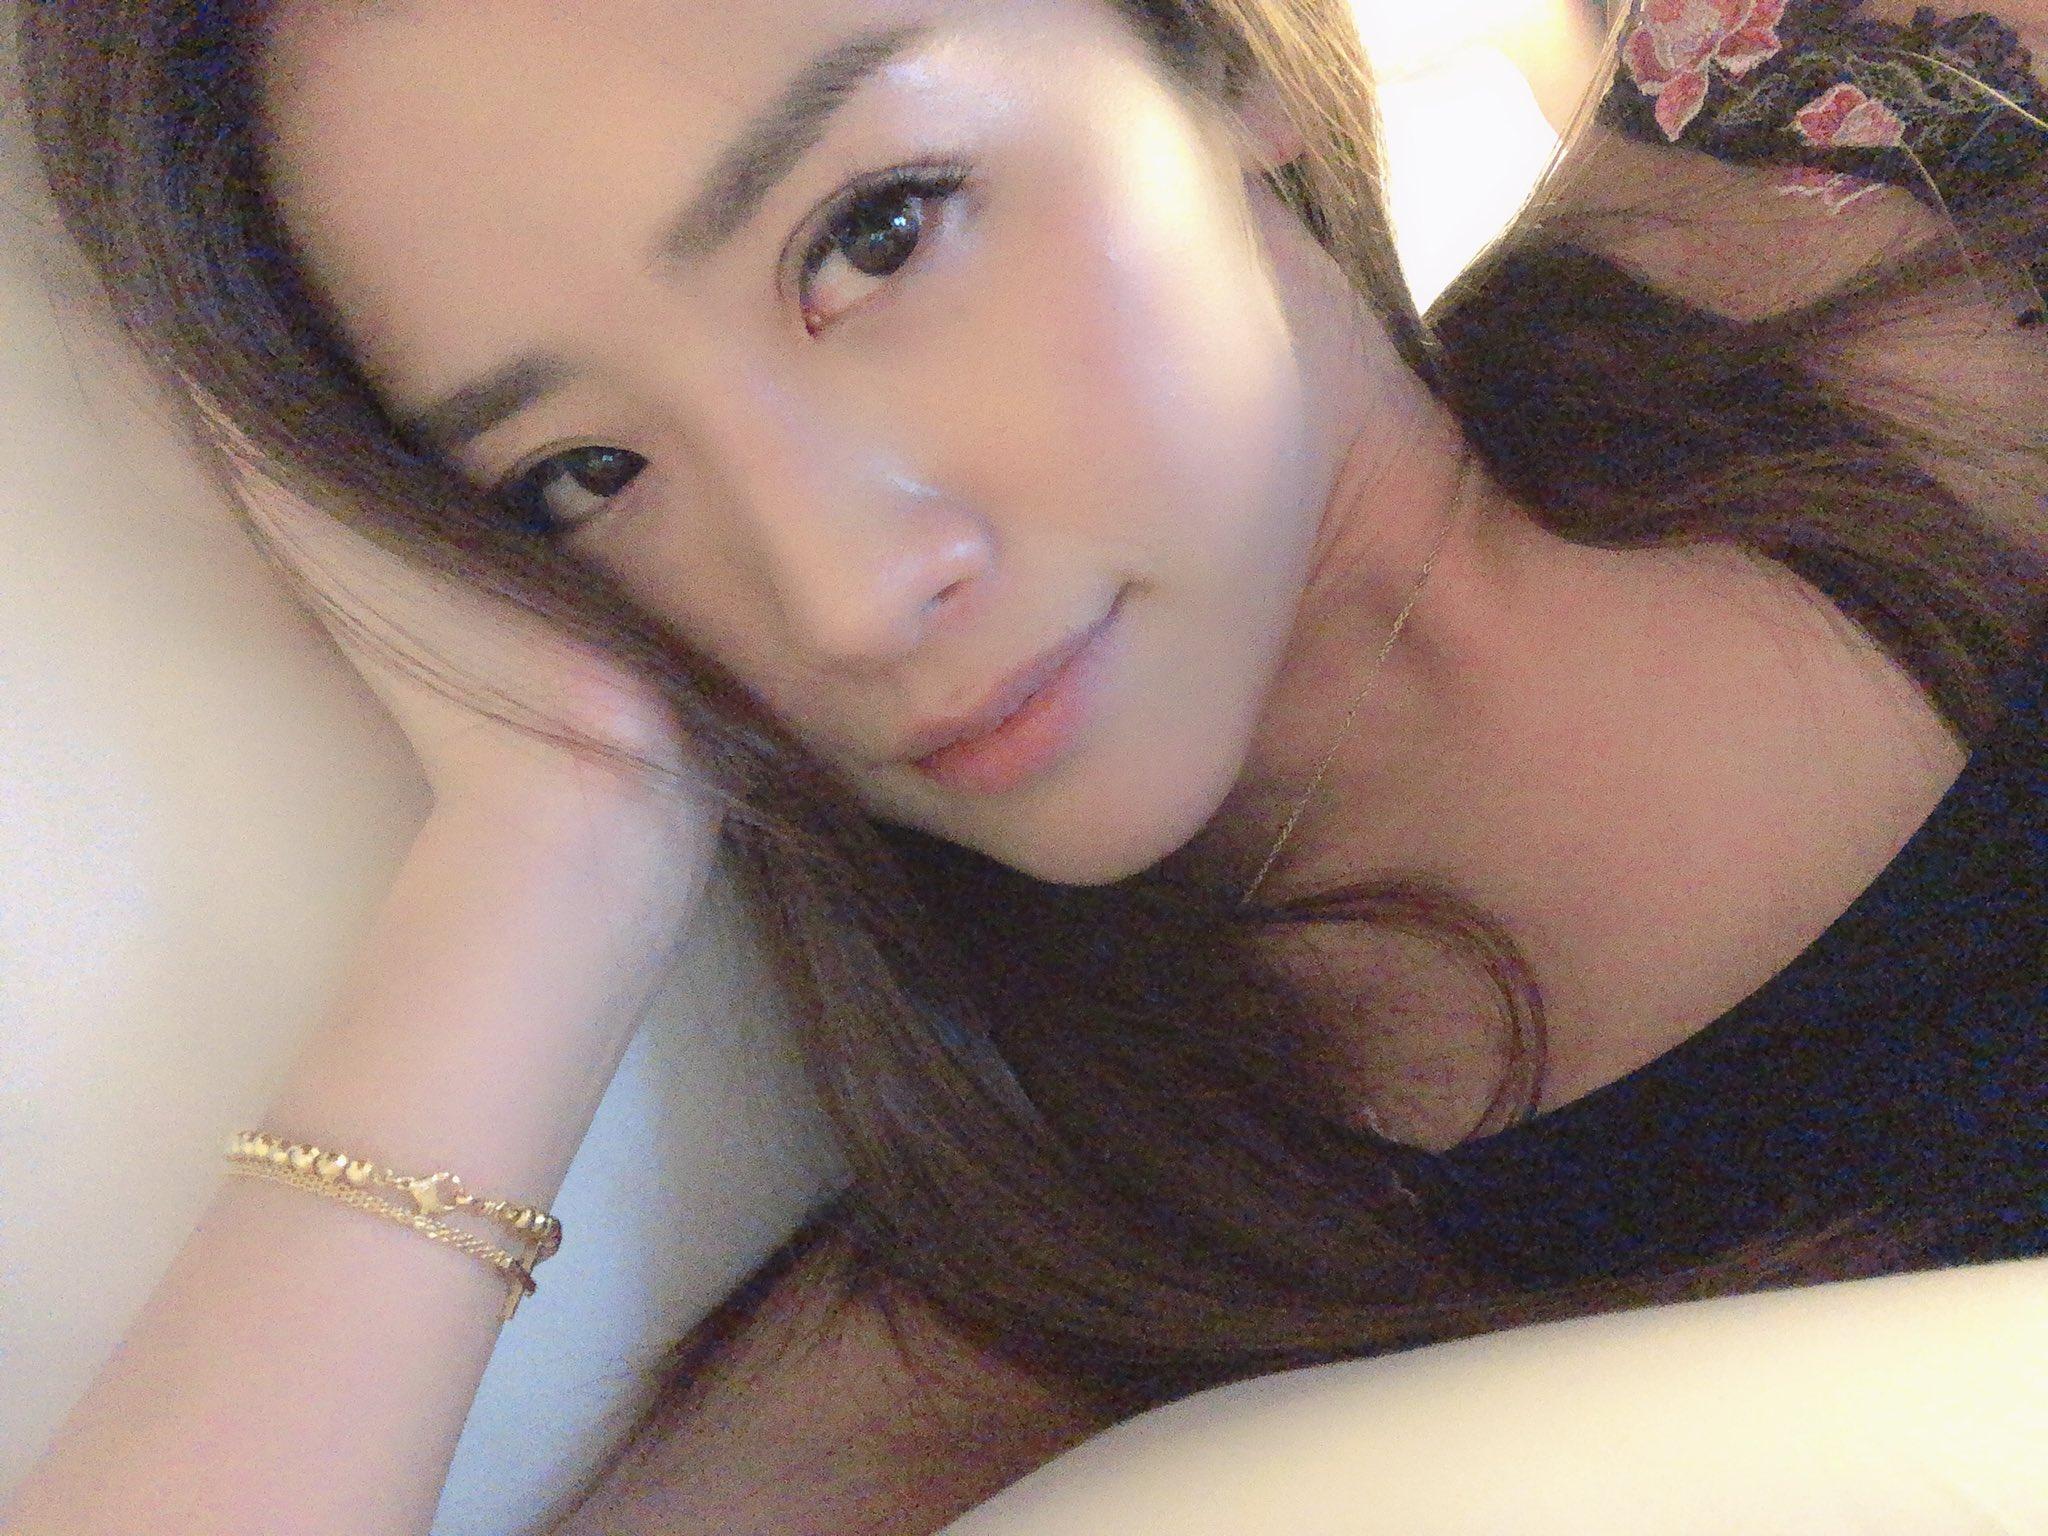 【宮下華奈エロ画像】スリムで美人な頼れる系のお姉さん・宮下華奈!